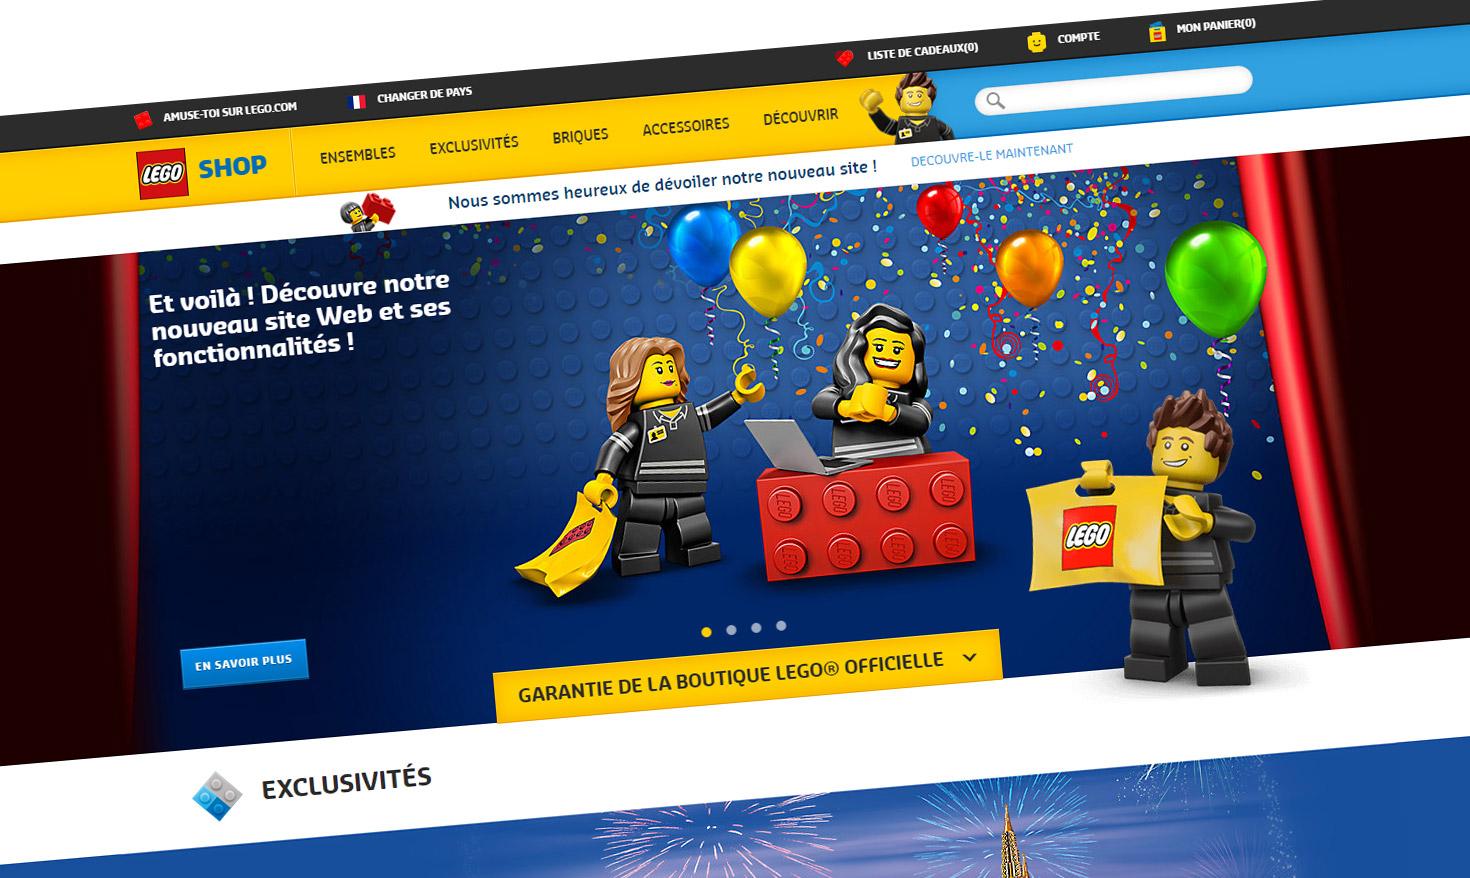 Shop home la nouvelle version de la boutique officielle - Code promo la boutique officielle frais de port ...